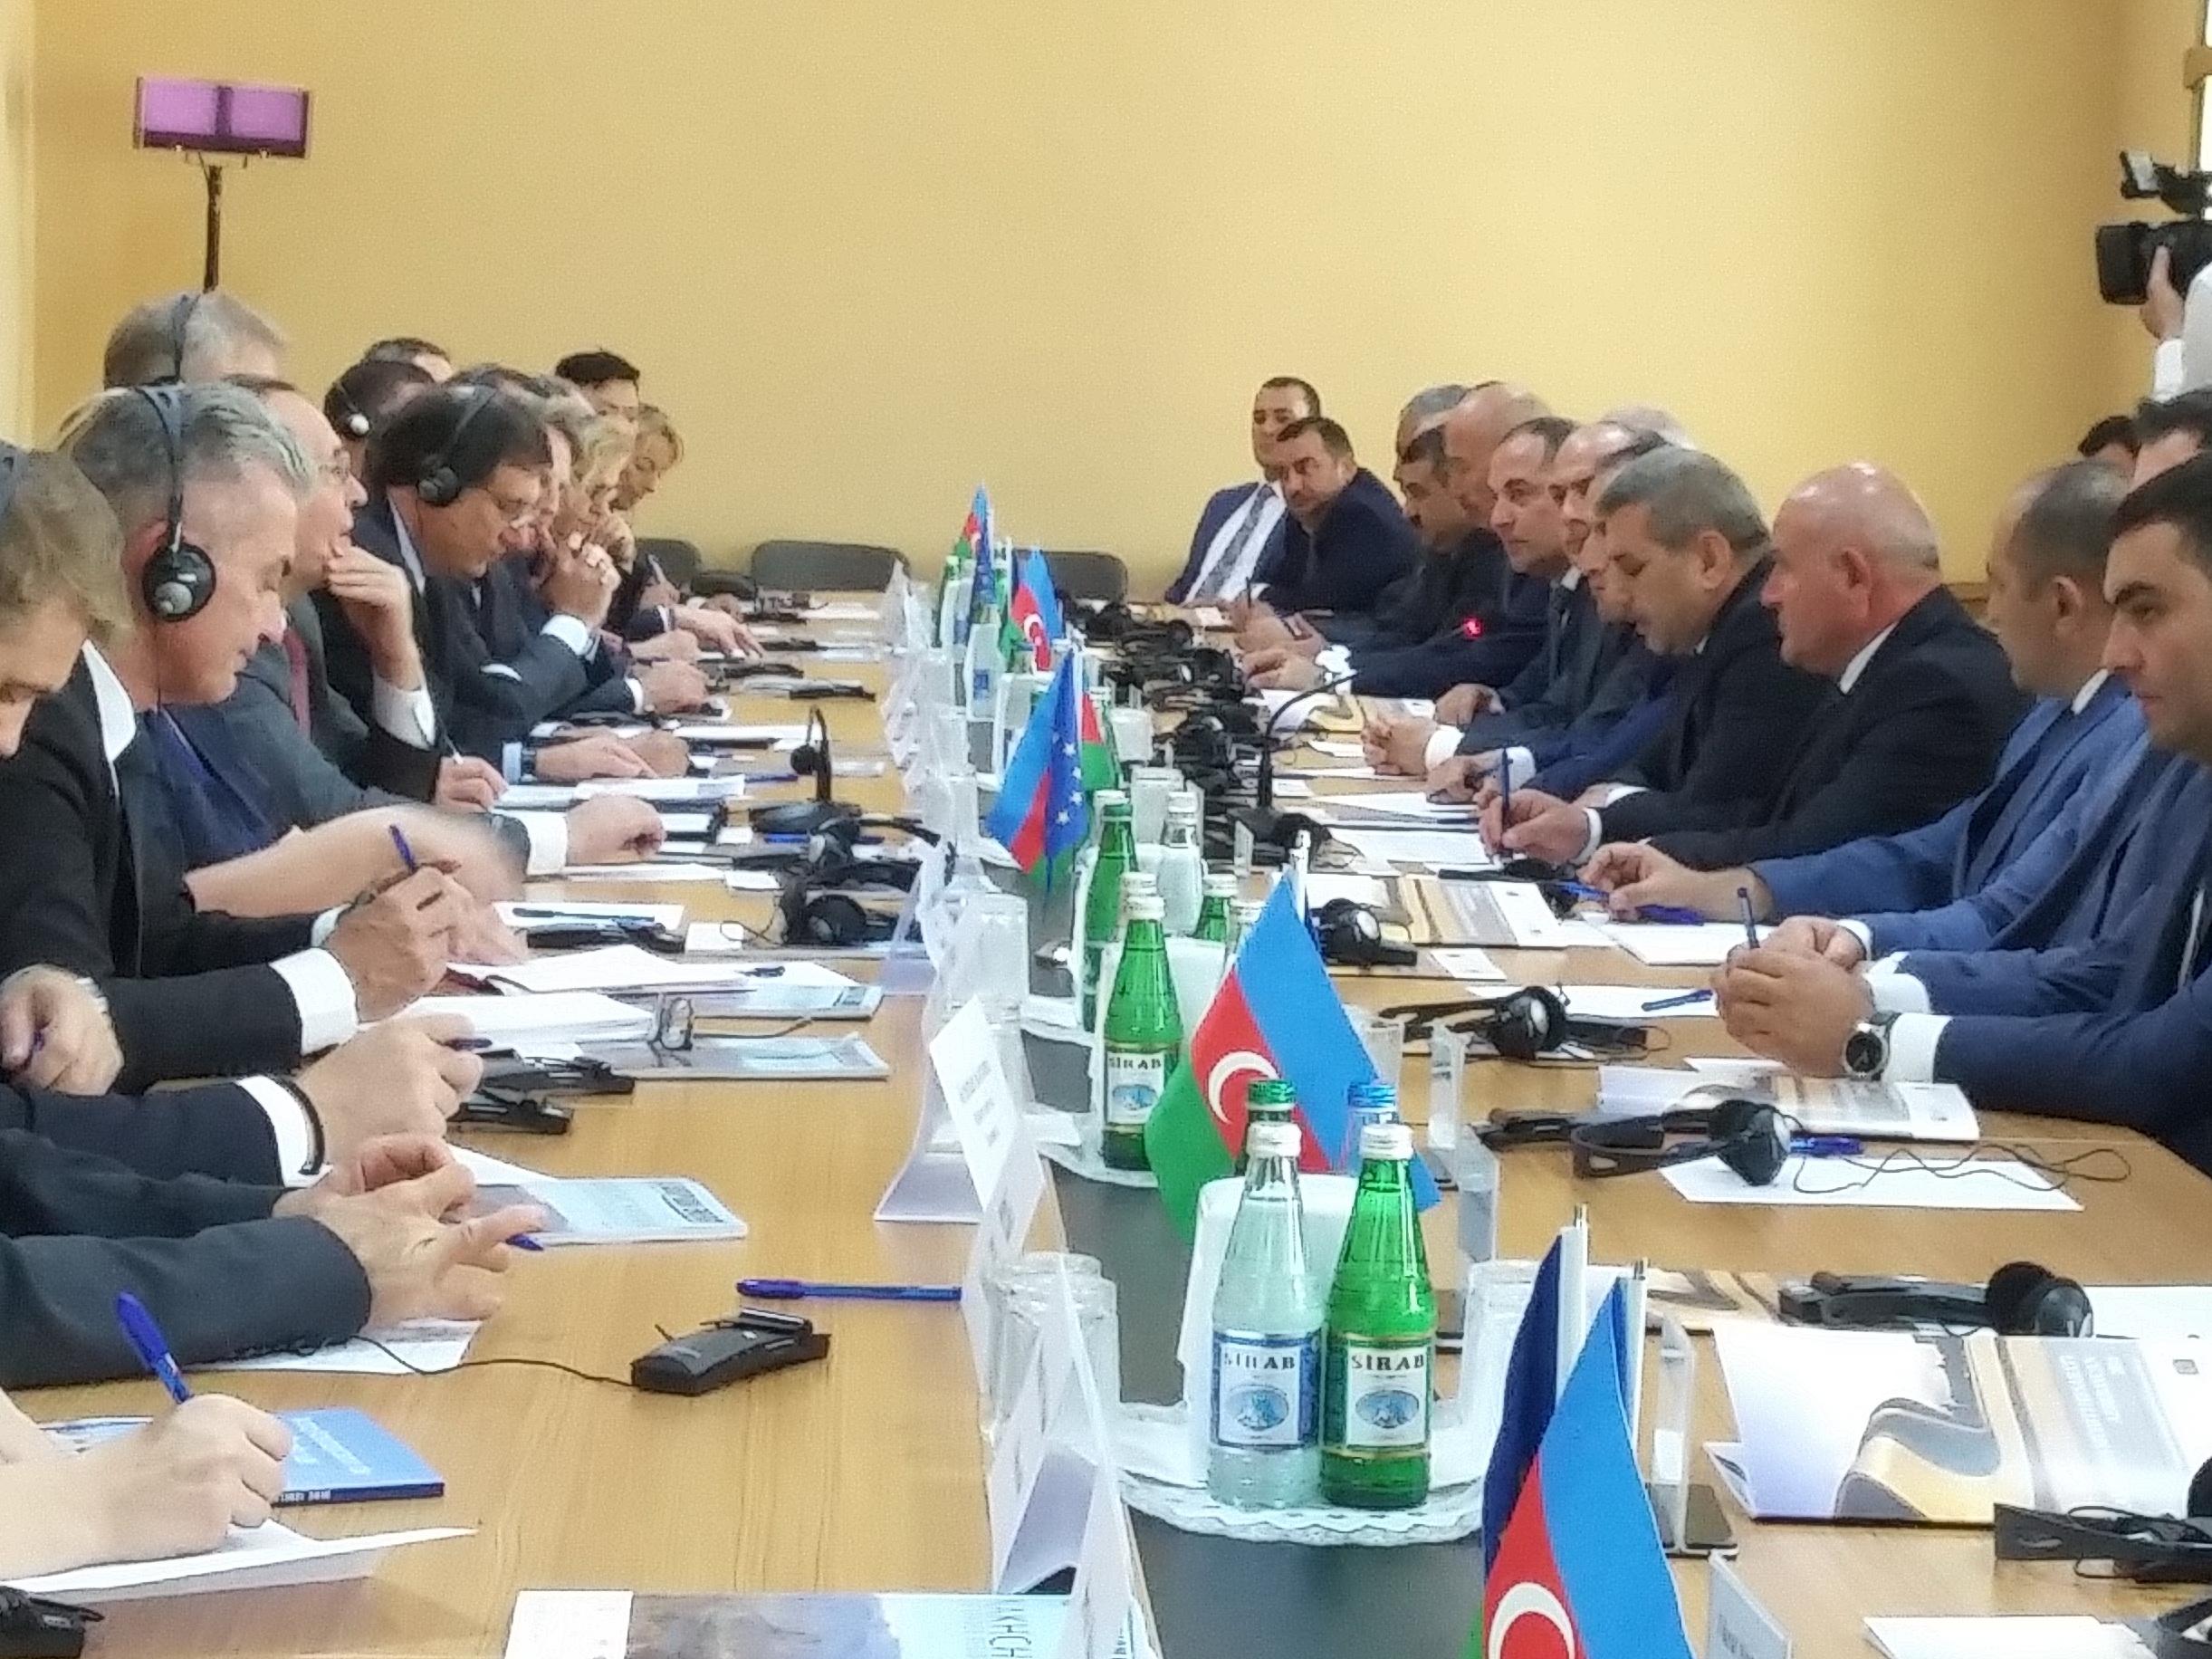 Avropa İttifaqı-Naxçıvan biznes forumu keçirilib - FOTO